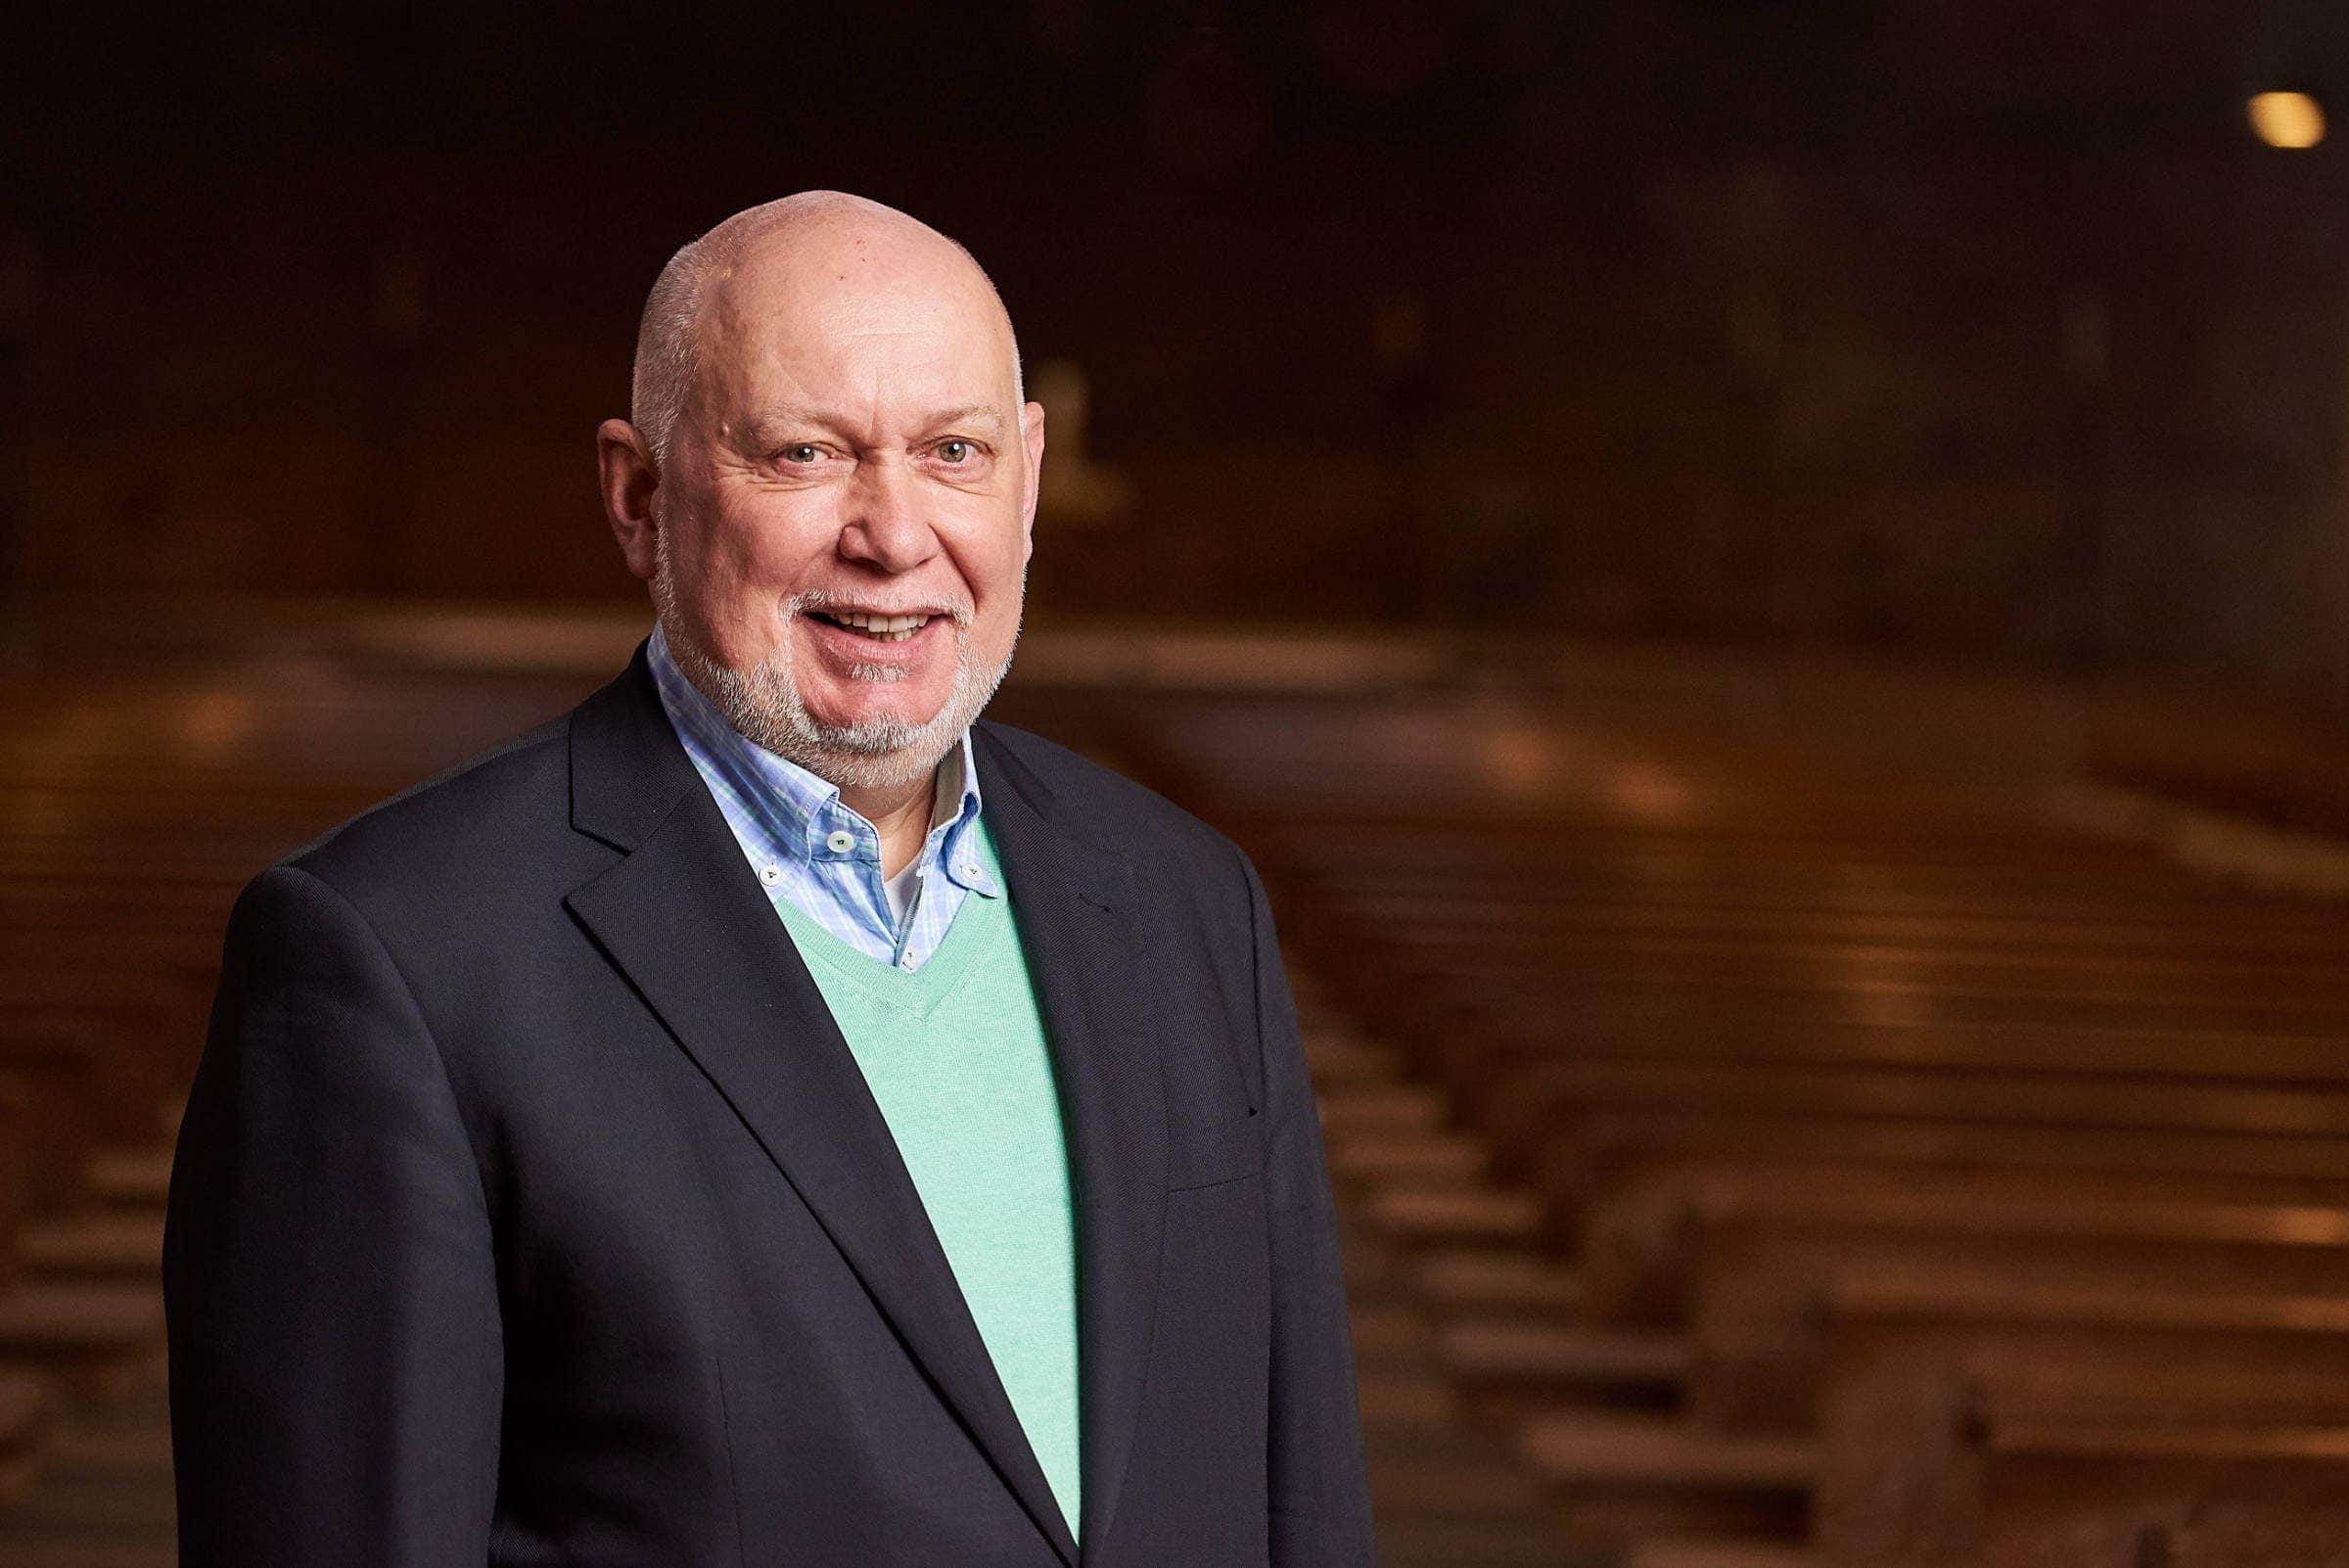 PR Fotografie für die evangelische Kirchengemeinde Trier, Pfarrer Reinhard Müller